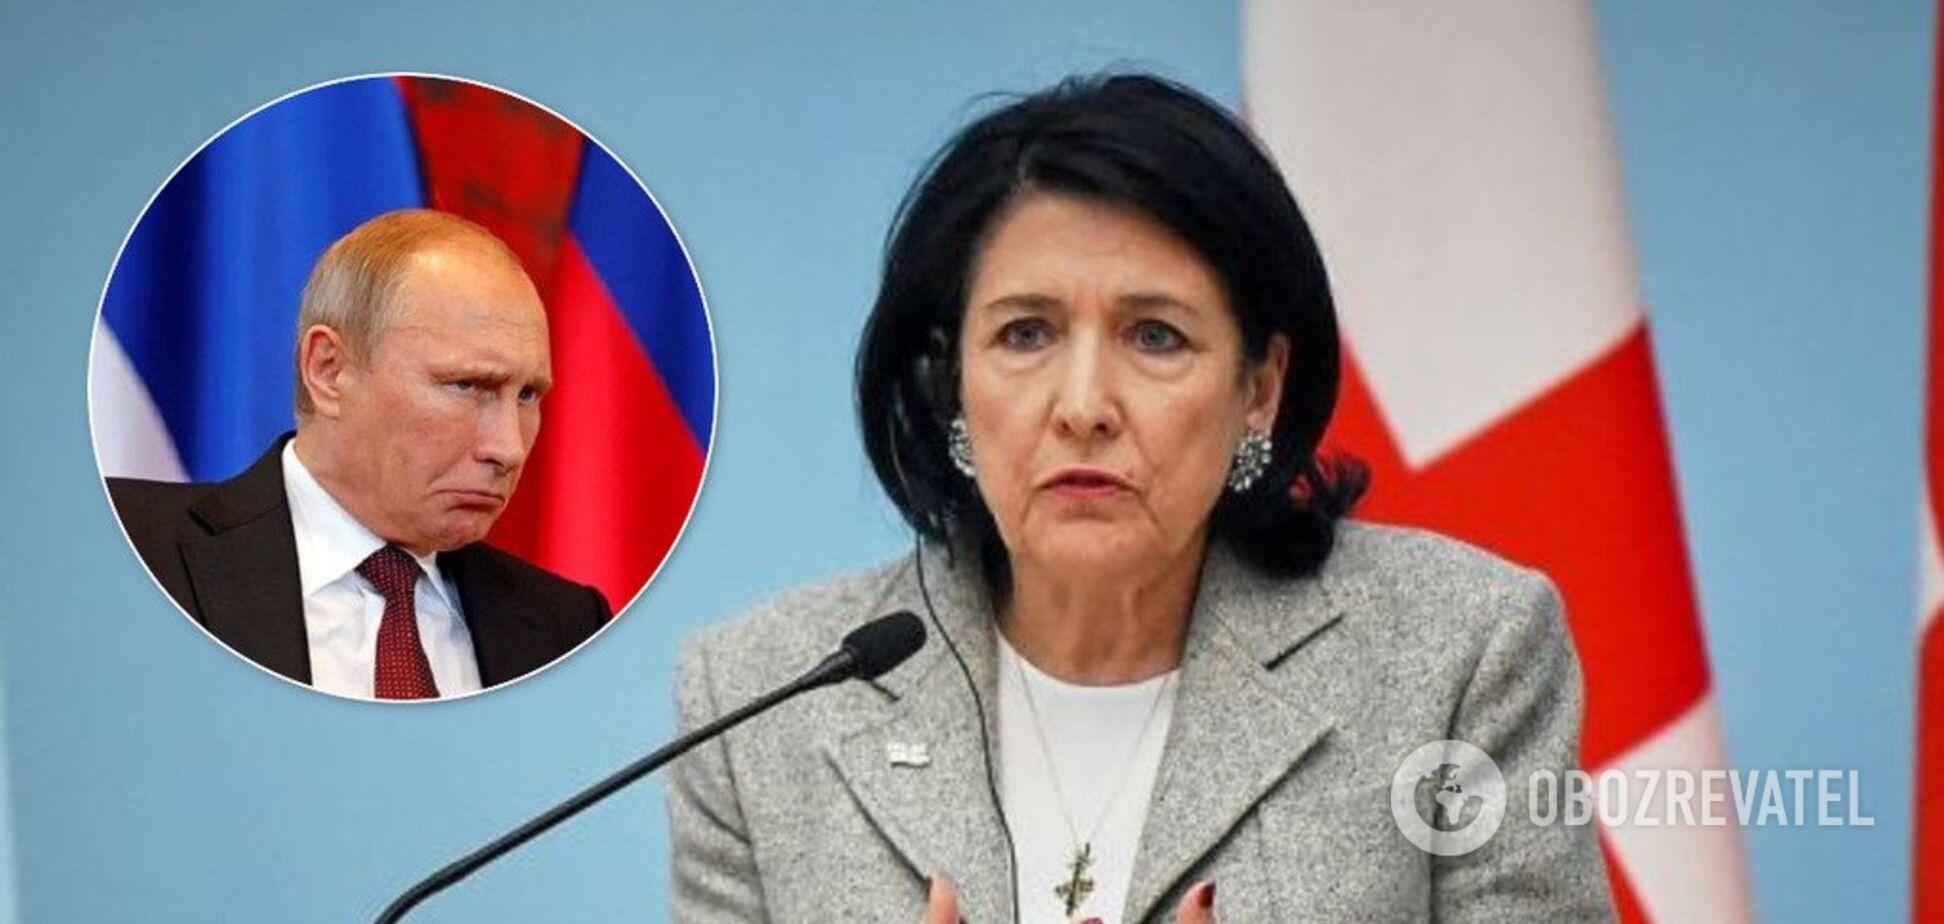 Глава Грузии в открытую пошла против Путина